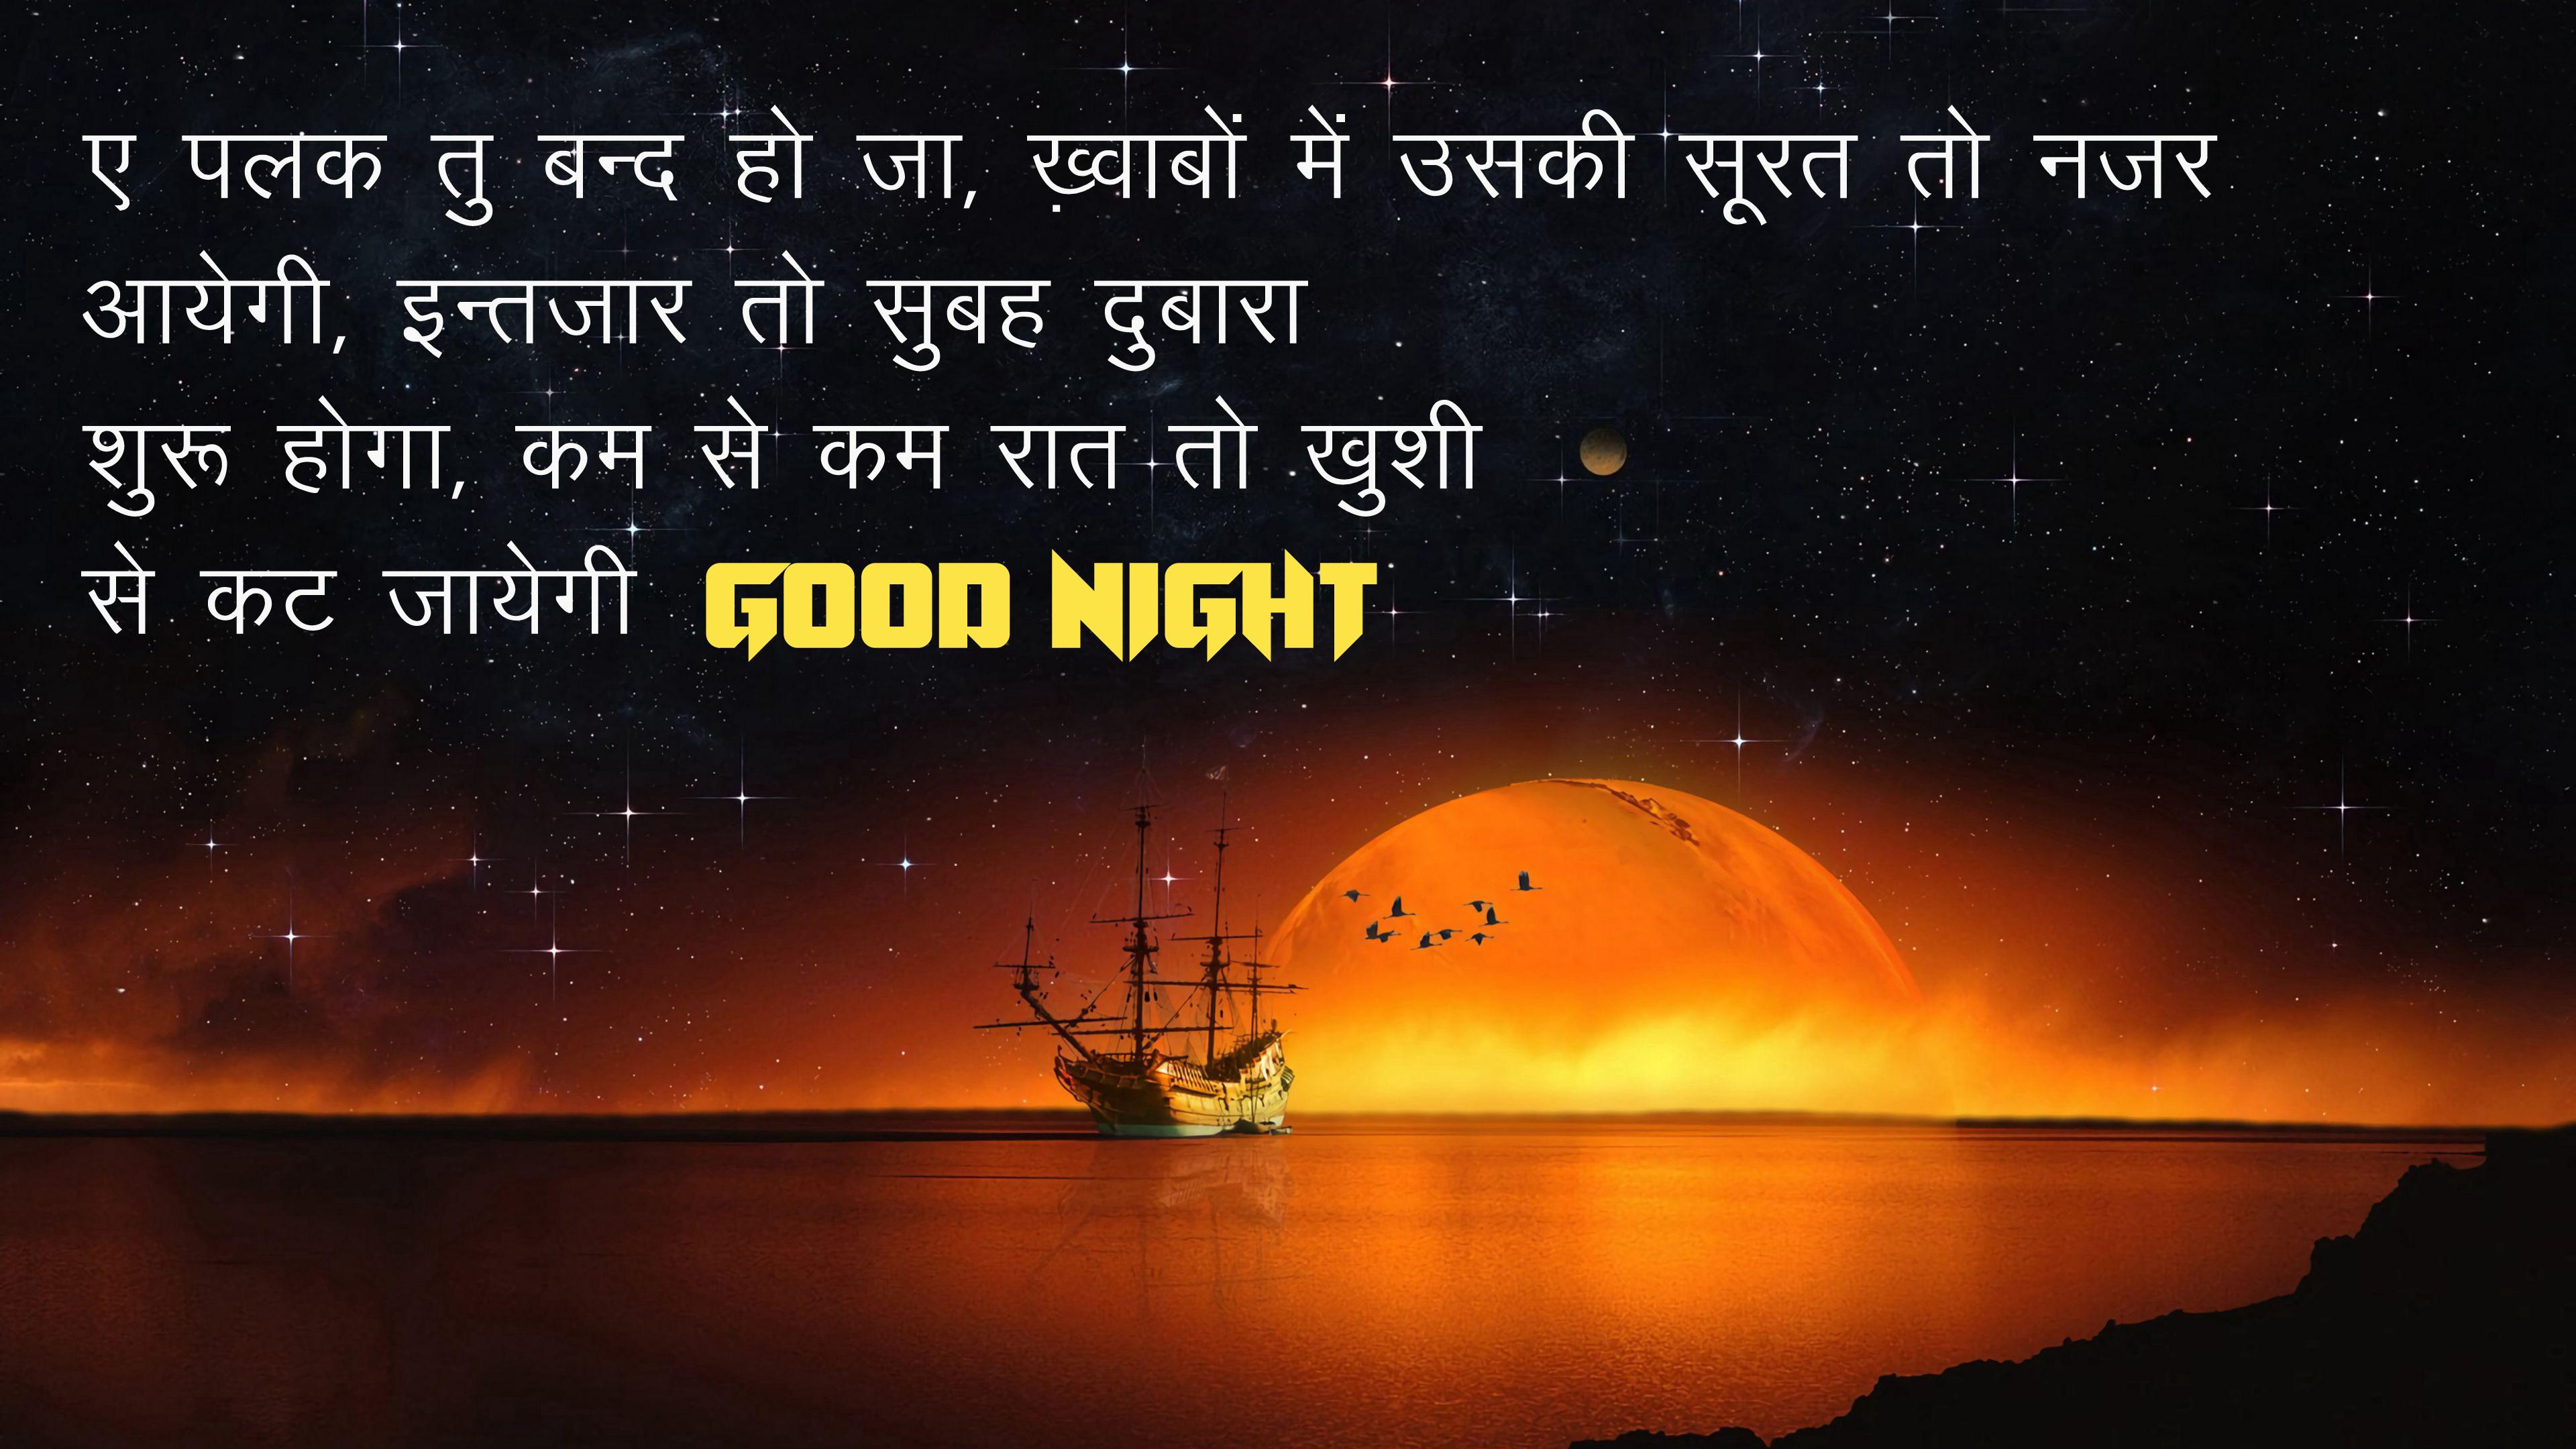 Free Good Night Wallpaper Download 2